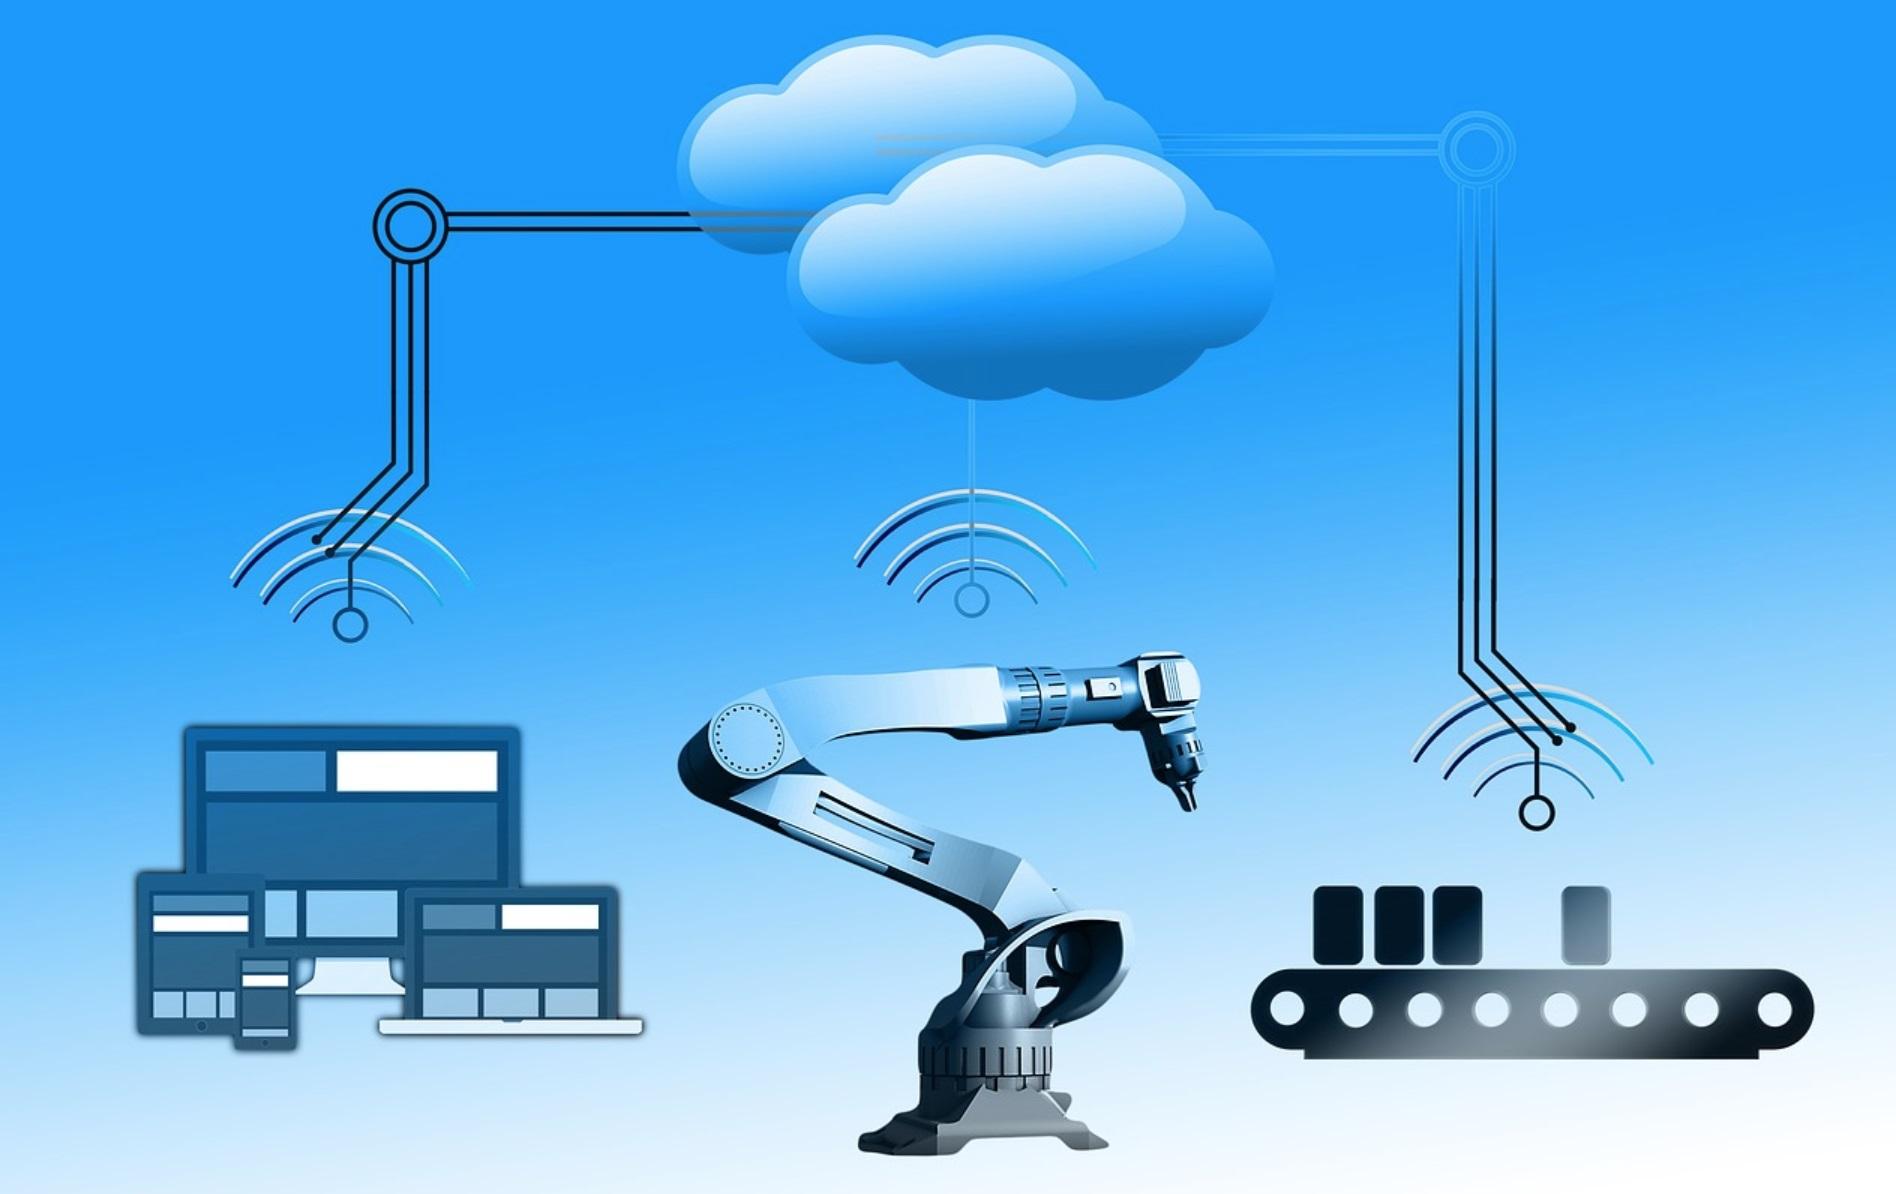 Промышленные интернет вещей помогают производству стать более децентрализованным